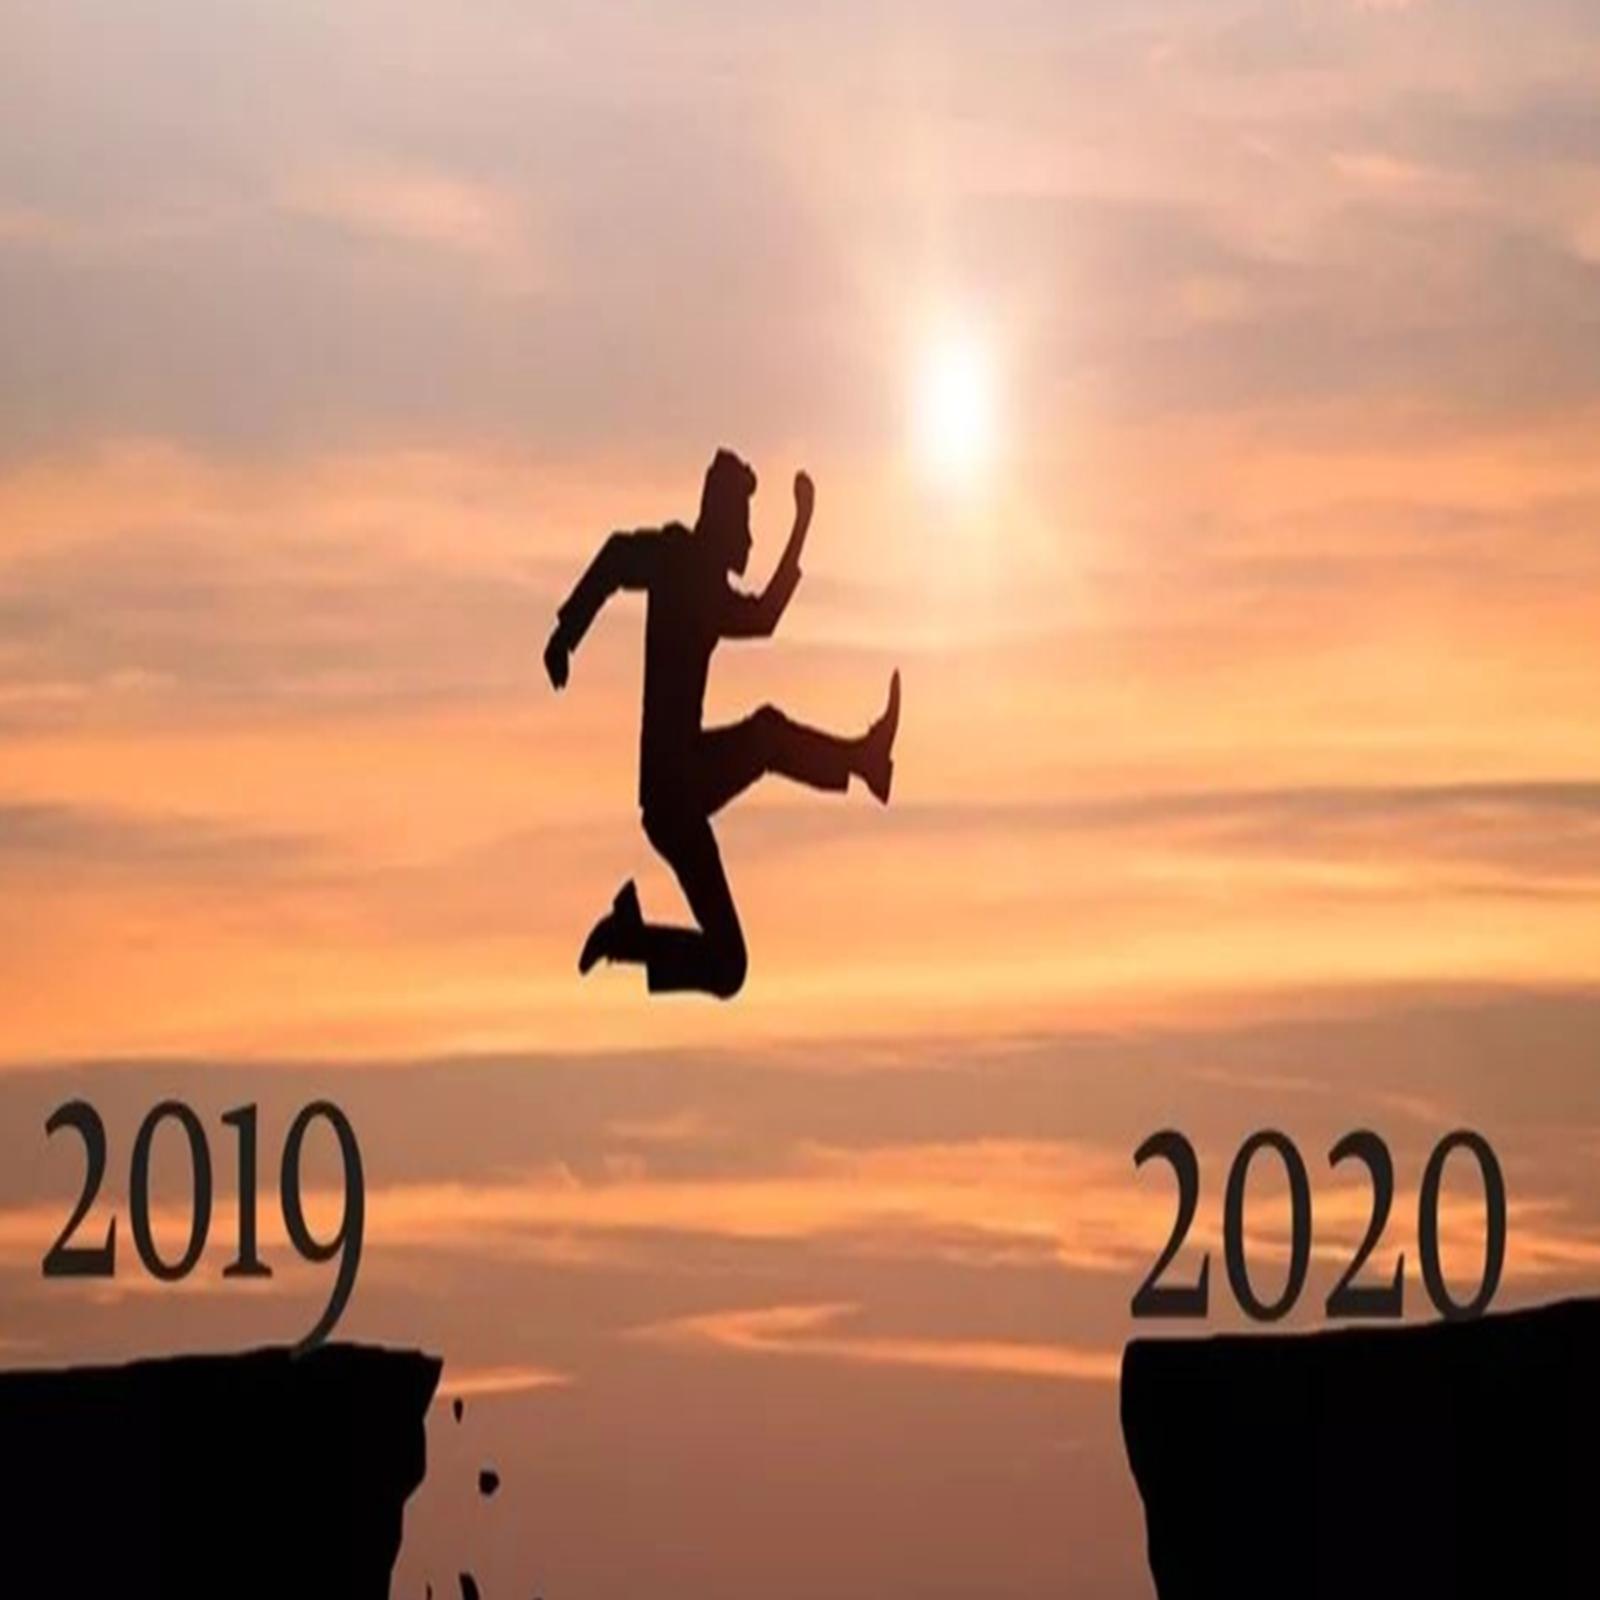 匠心铸就硬核实力 | 2019天地纵横与AEO再促行业辉煌